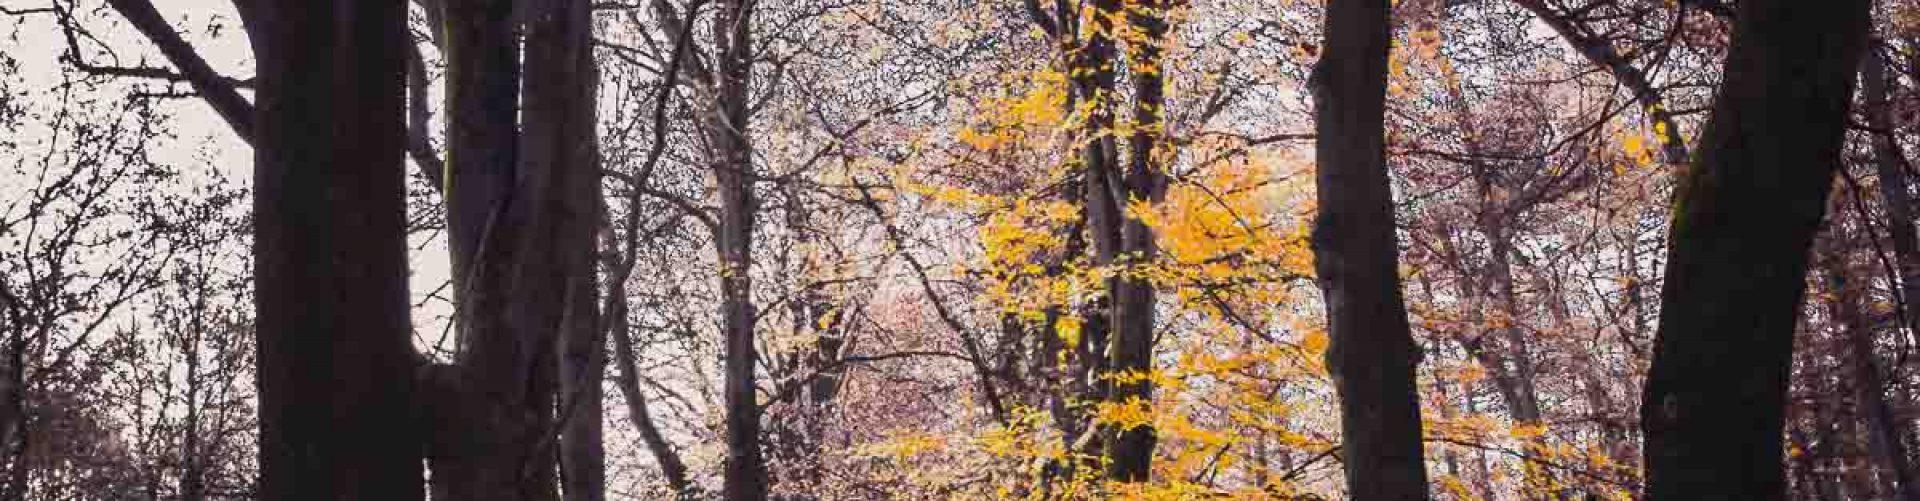 Kaatsheuvel, herfst